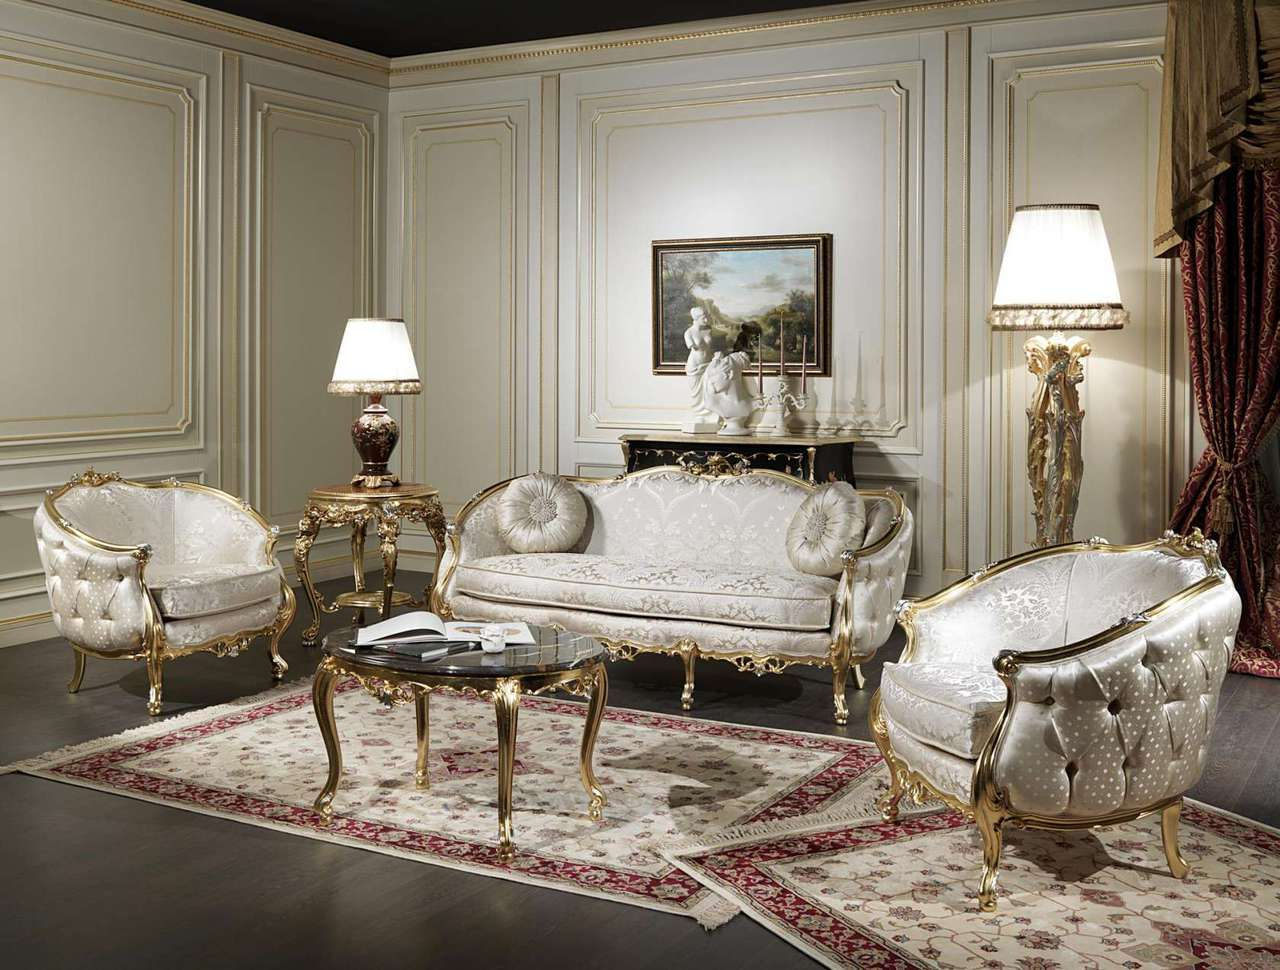 Thiết kế nội thất cổ điển đẹp